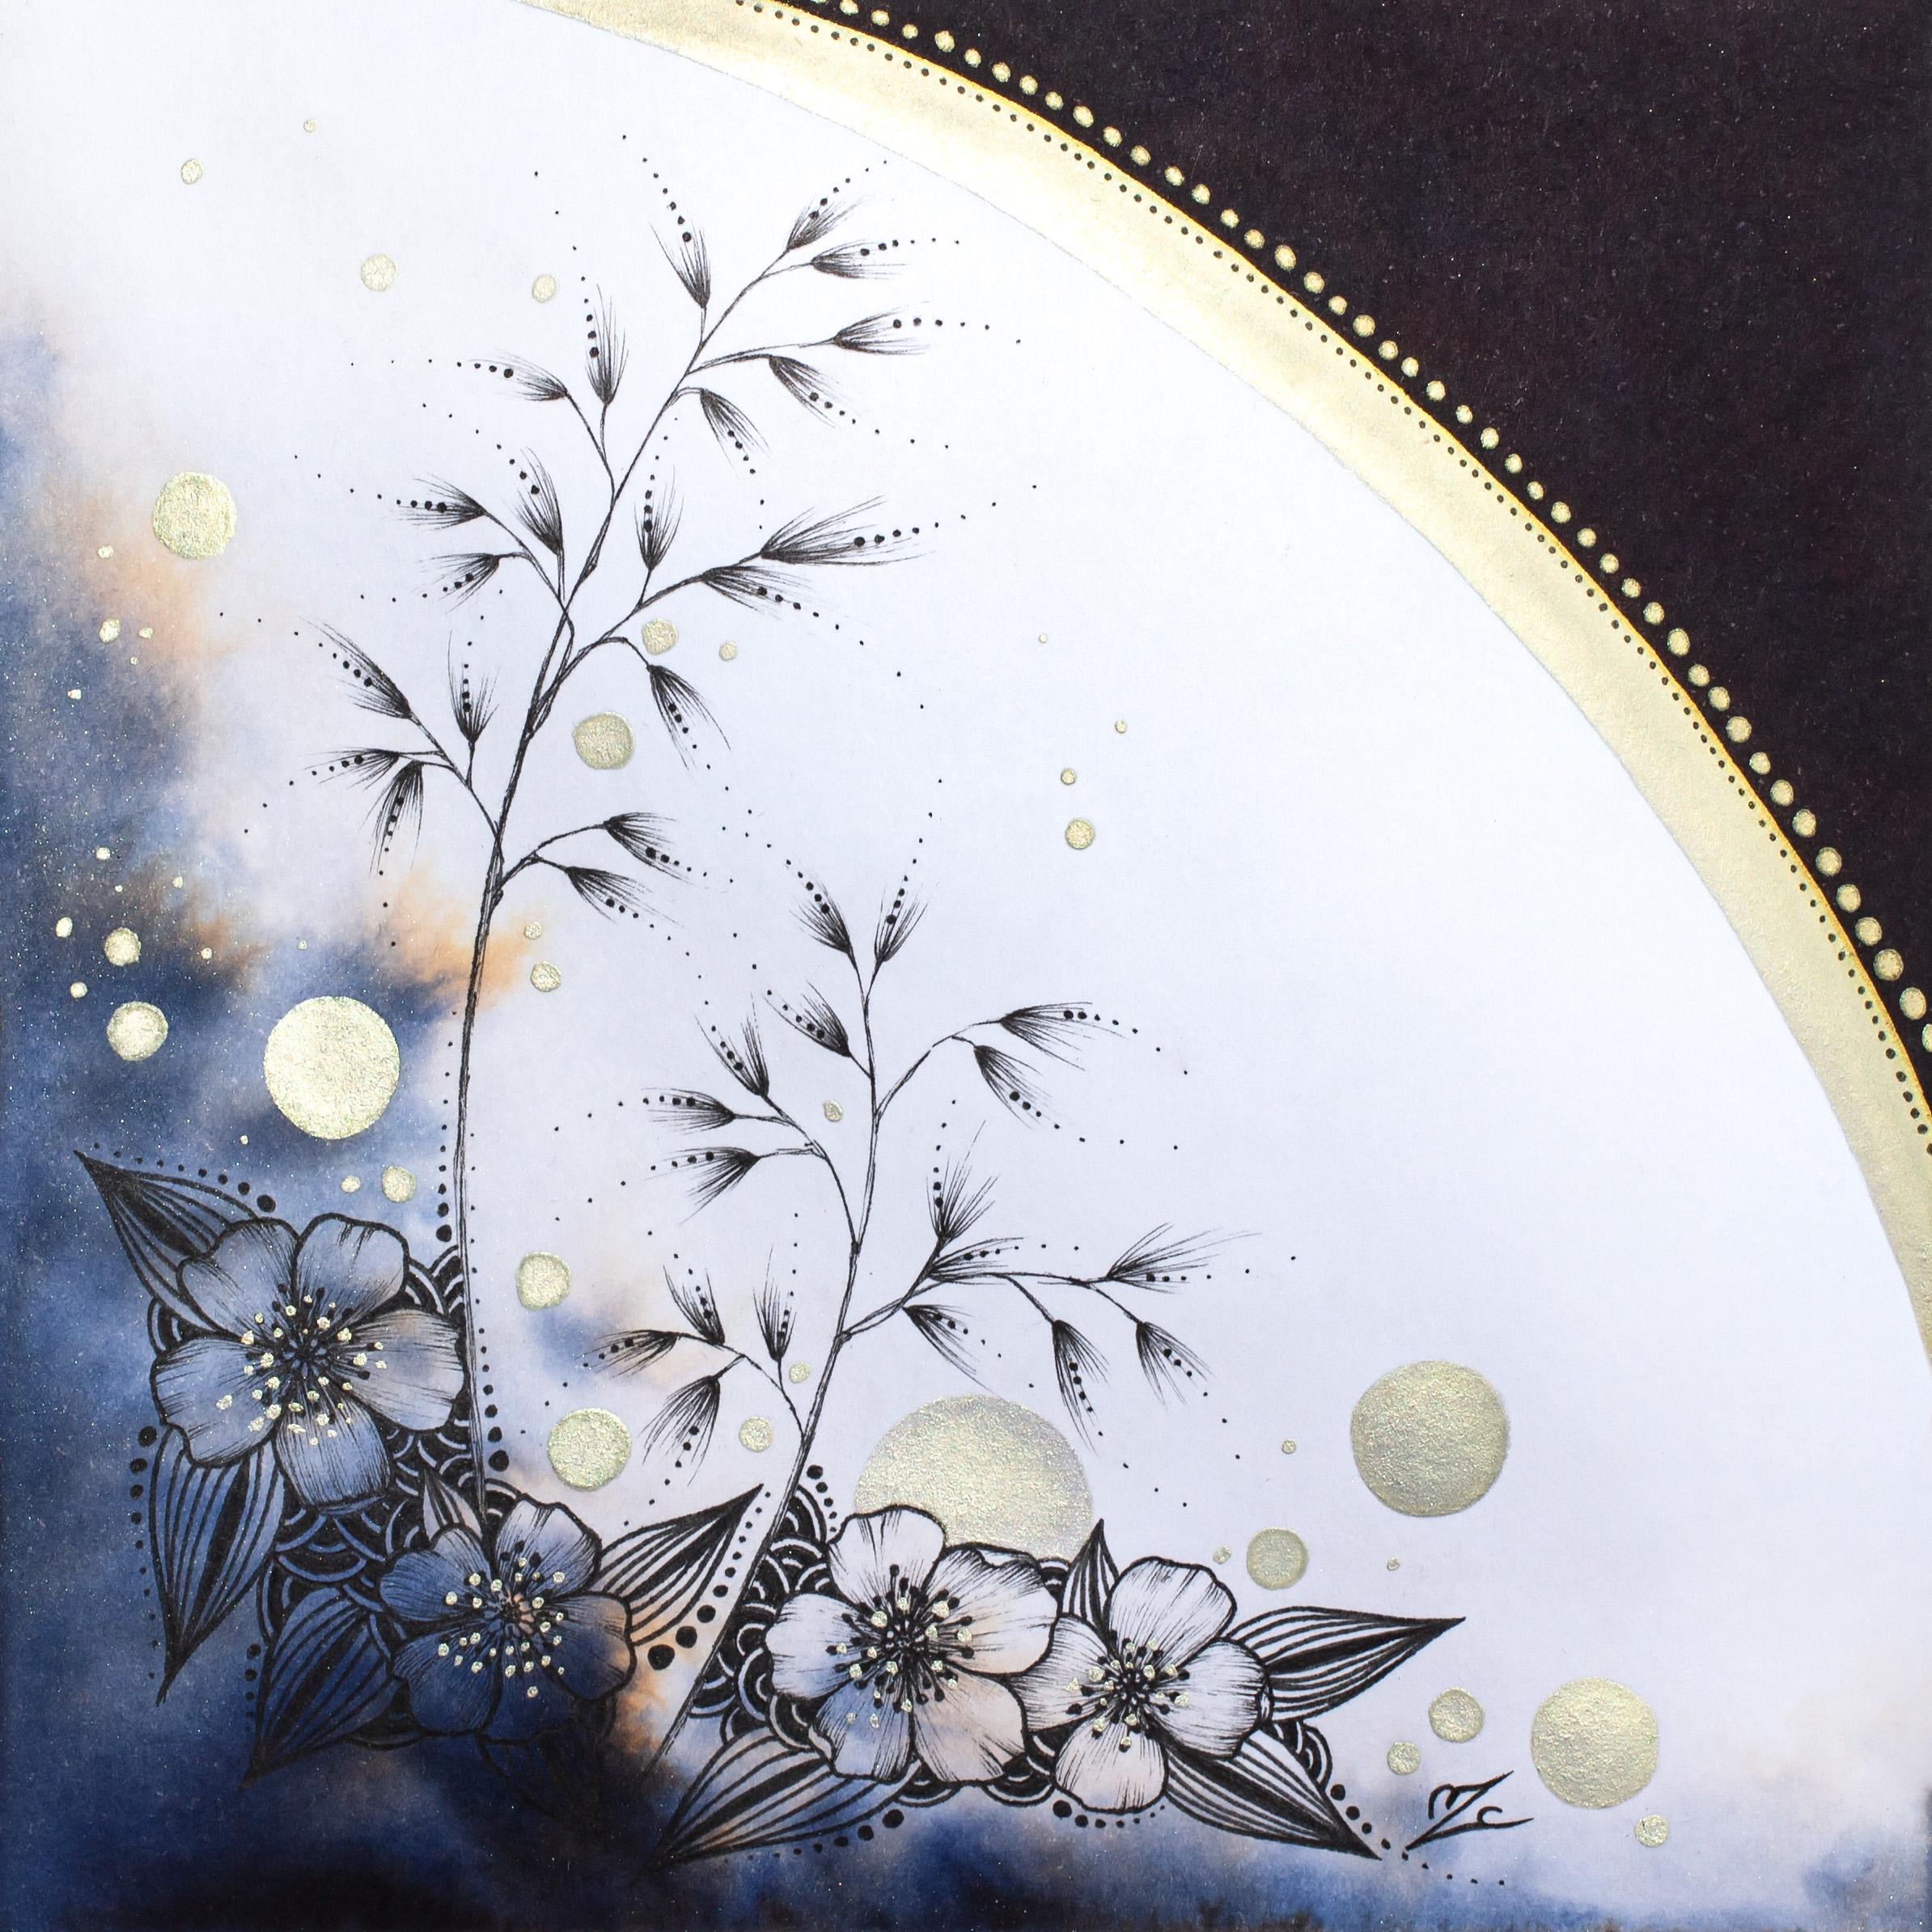 Poaceae - 14x14cm - Sold